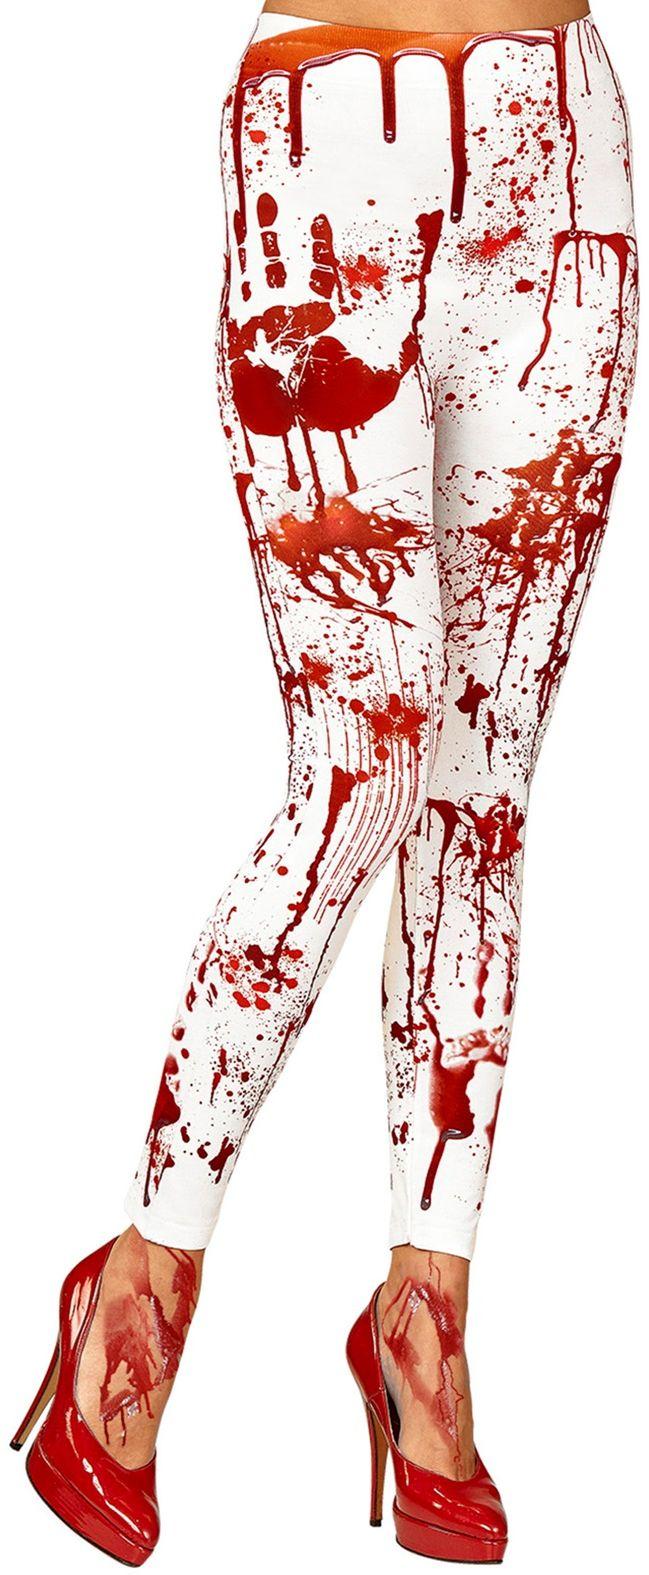 Bloederige zombie legging